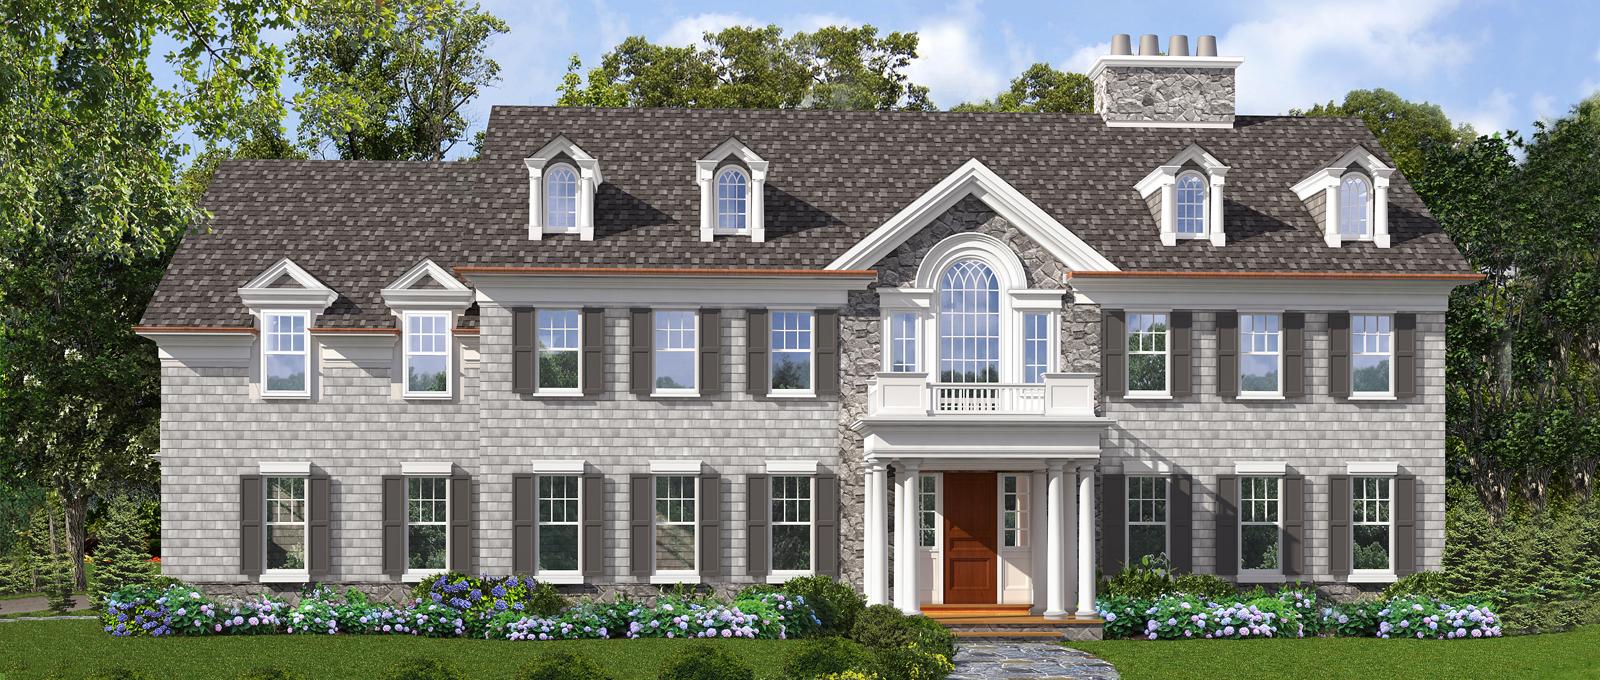 Nhà ở một gia đình vì Bán tại Grand and sophisticated Colonial Home 348 Woodlands Road Harrison, New York 10528 Hoa Kỳ